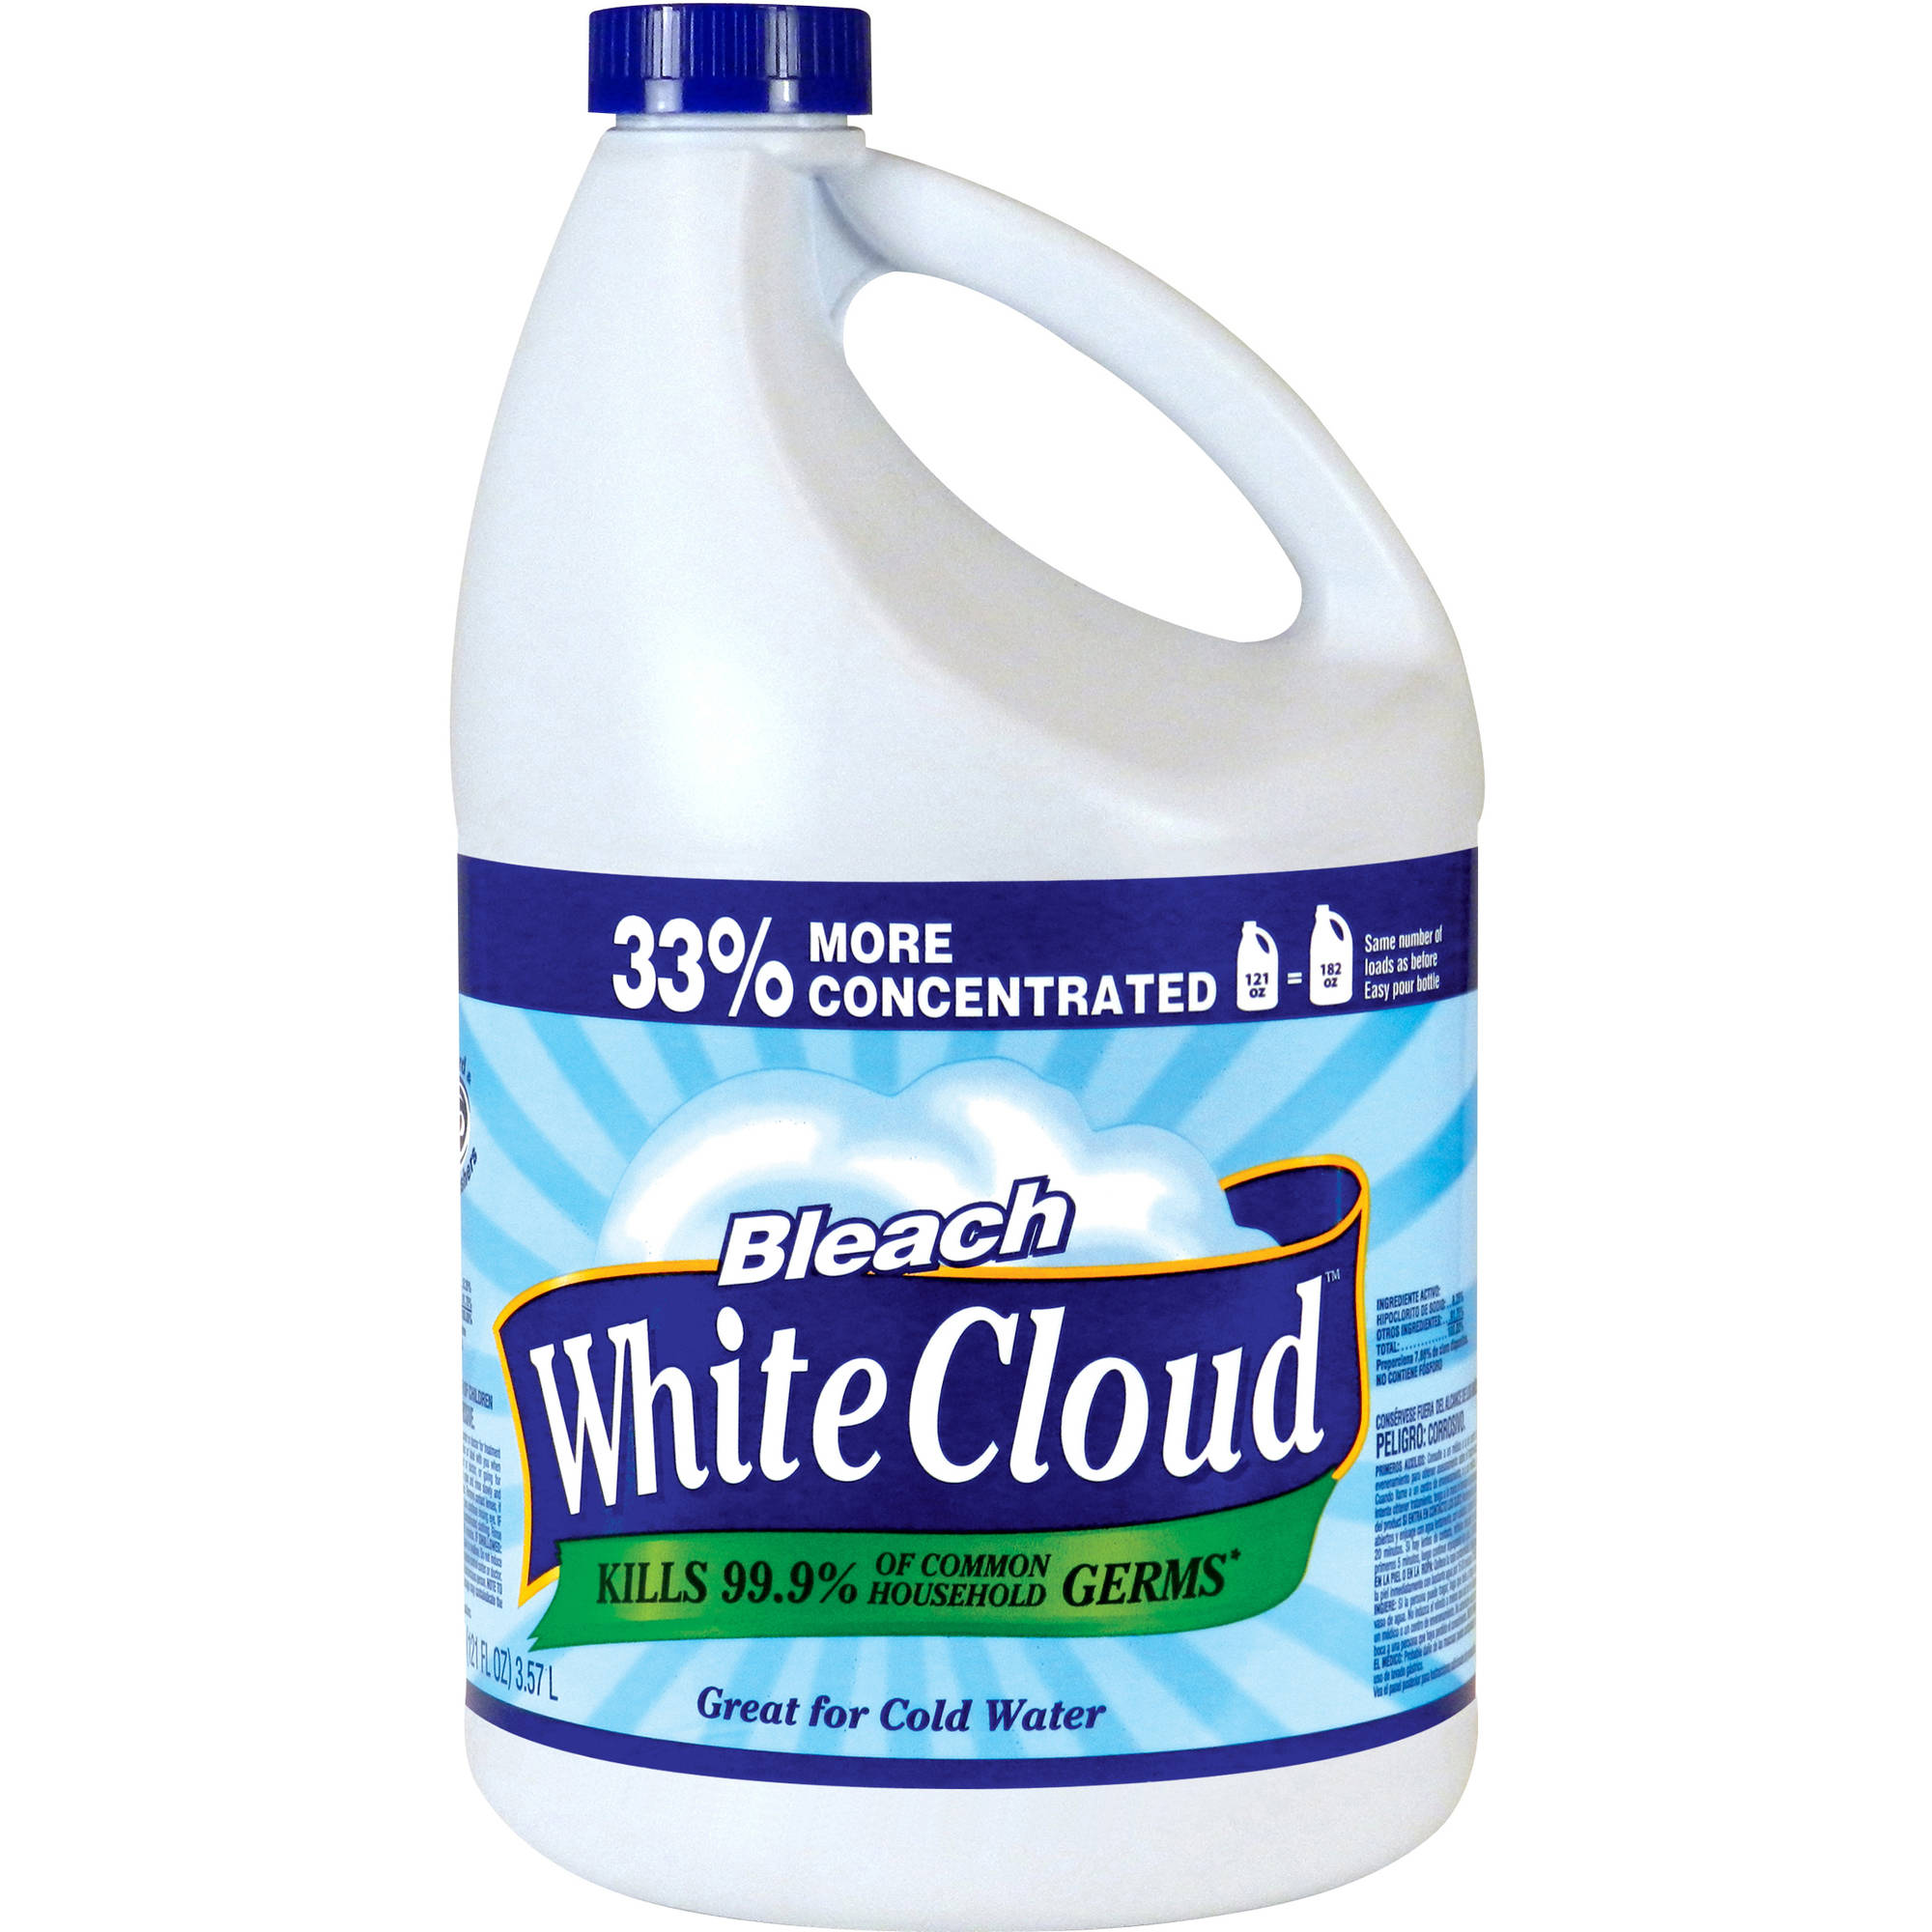 White Cloud Bleach, 121 fl oz